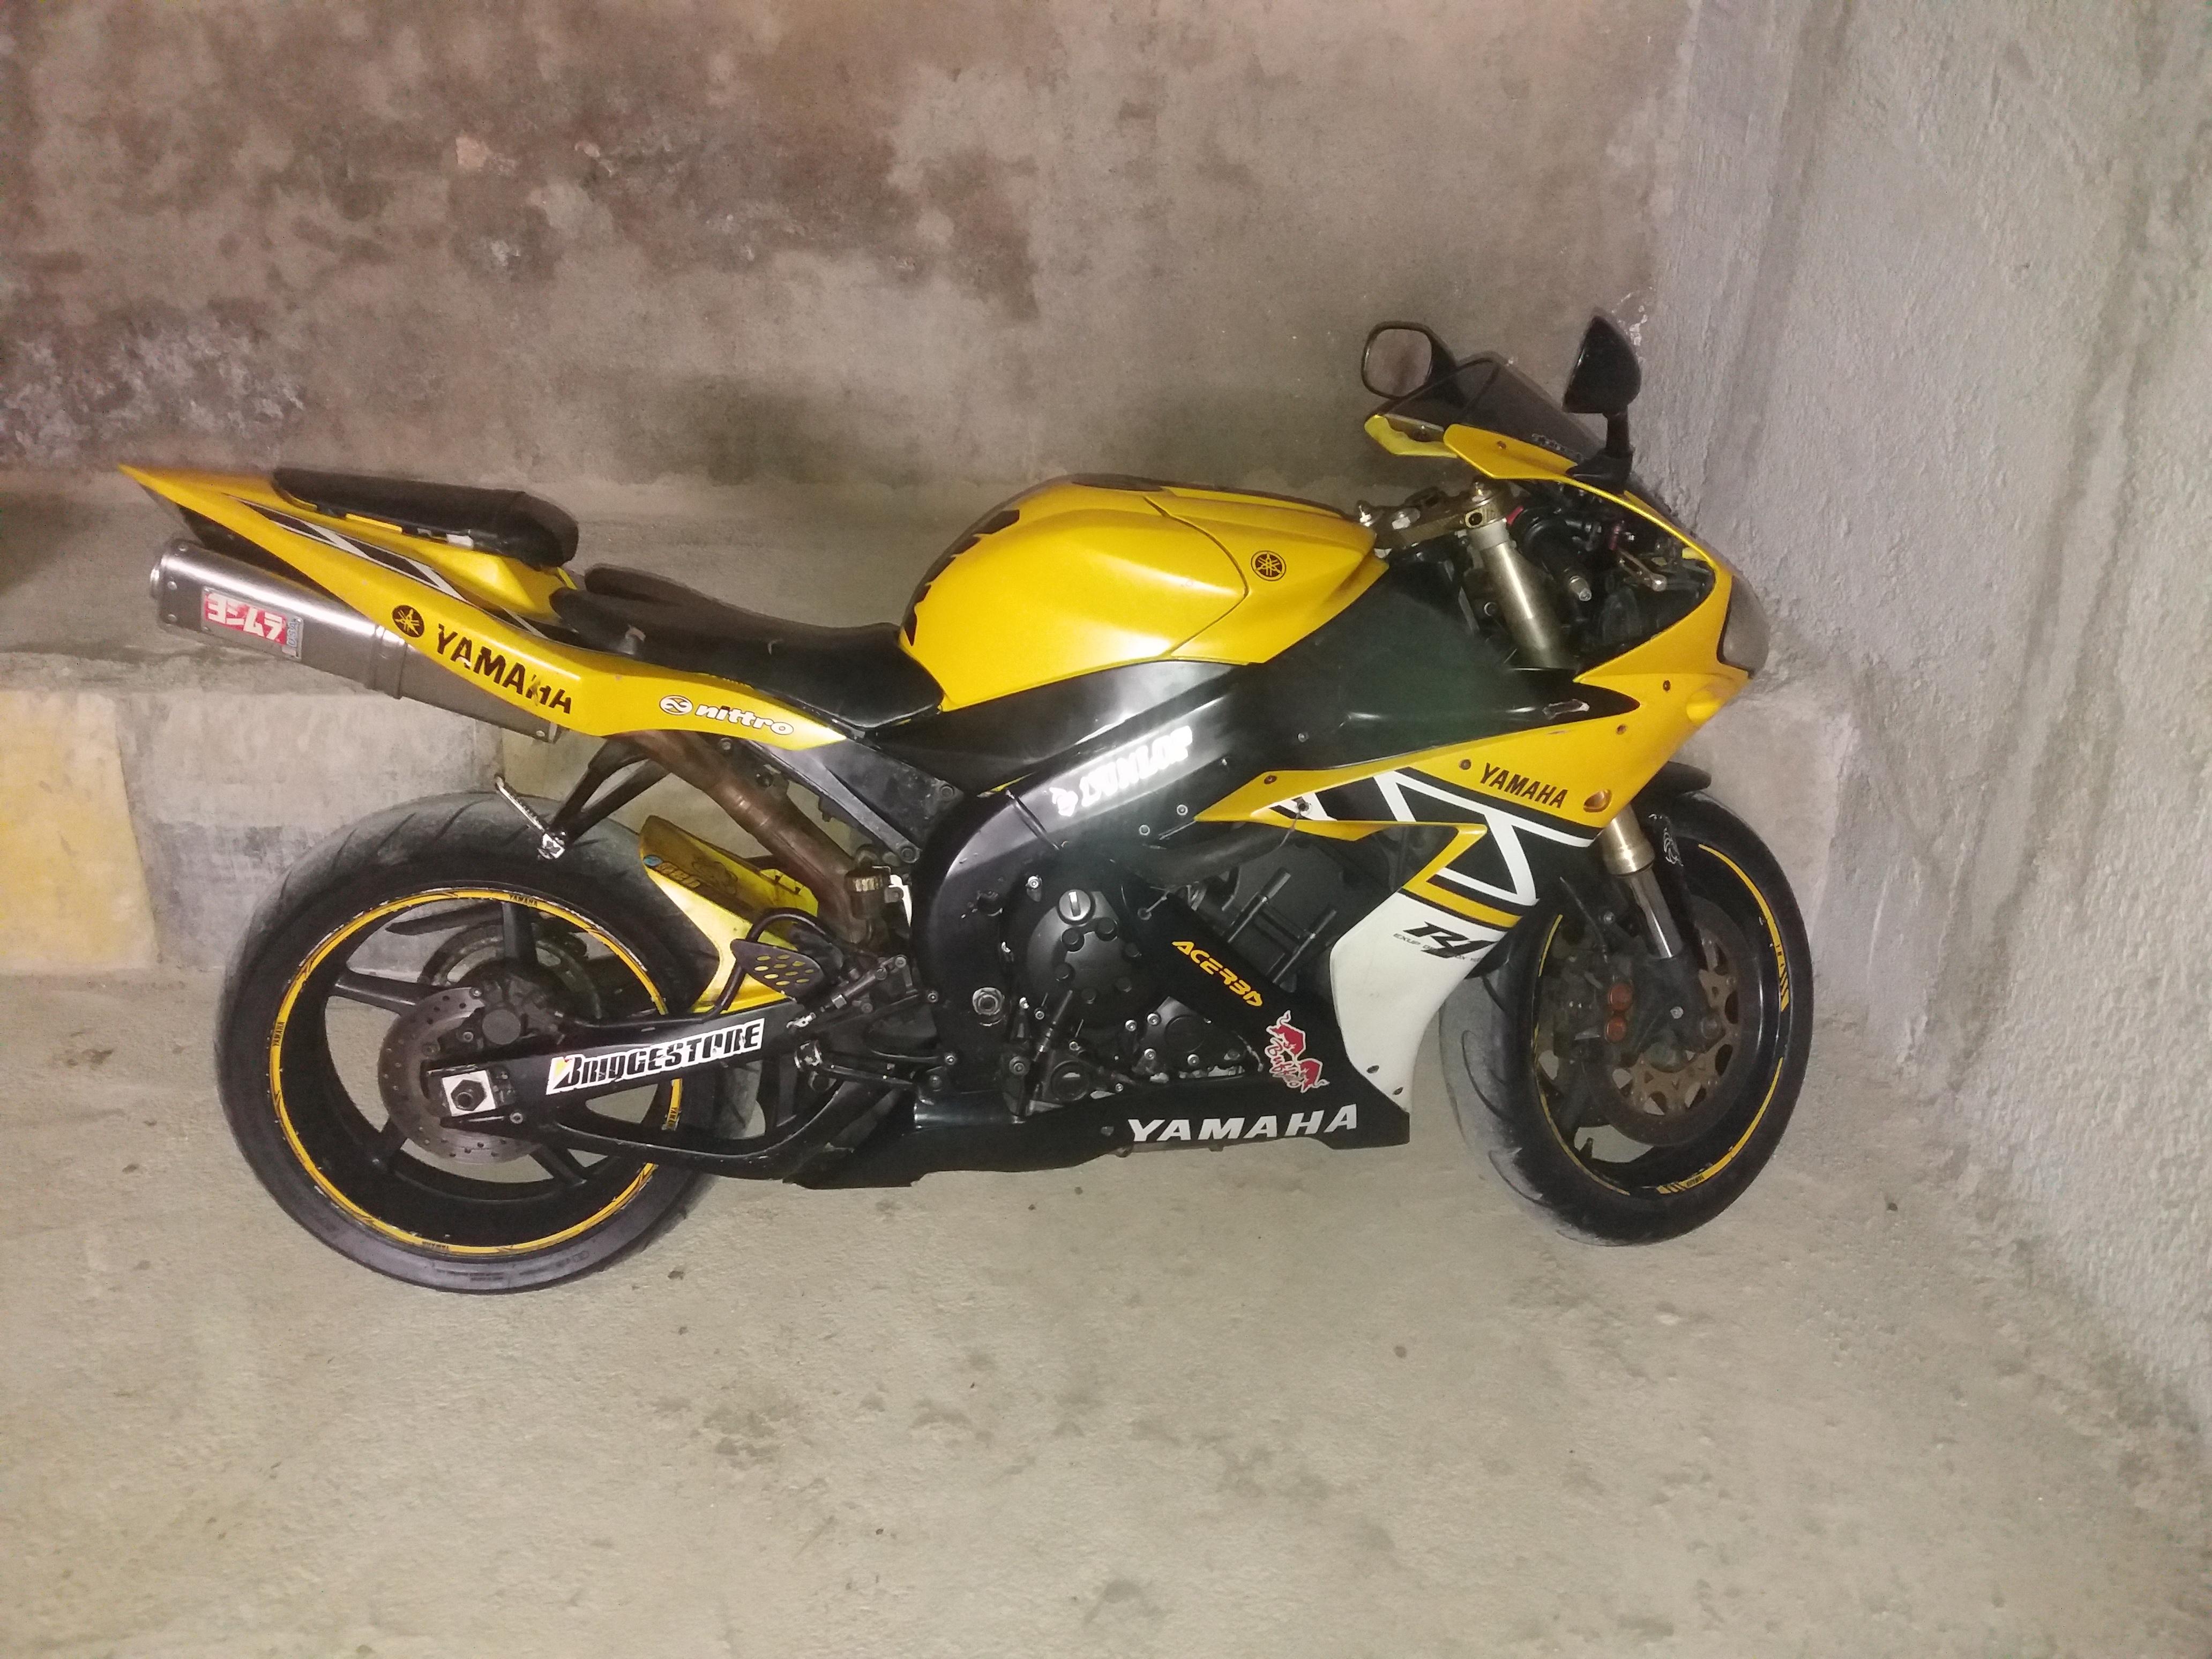 فروش موتور سیکلت یاماها آر وان هزار مدل ۲۰۰۶  yamaha R1 2006 for sale